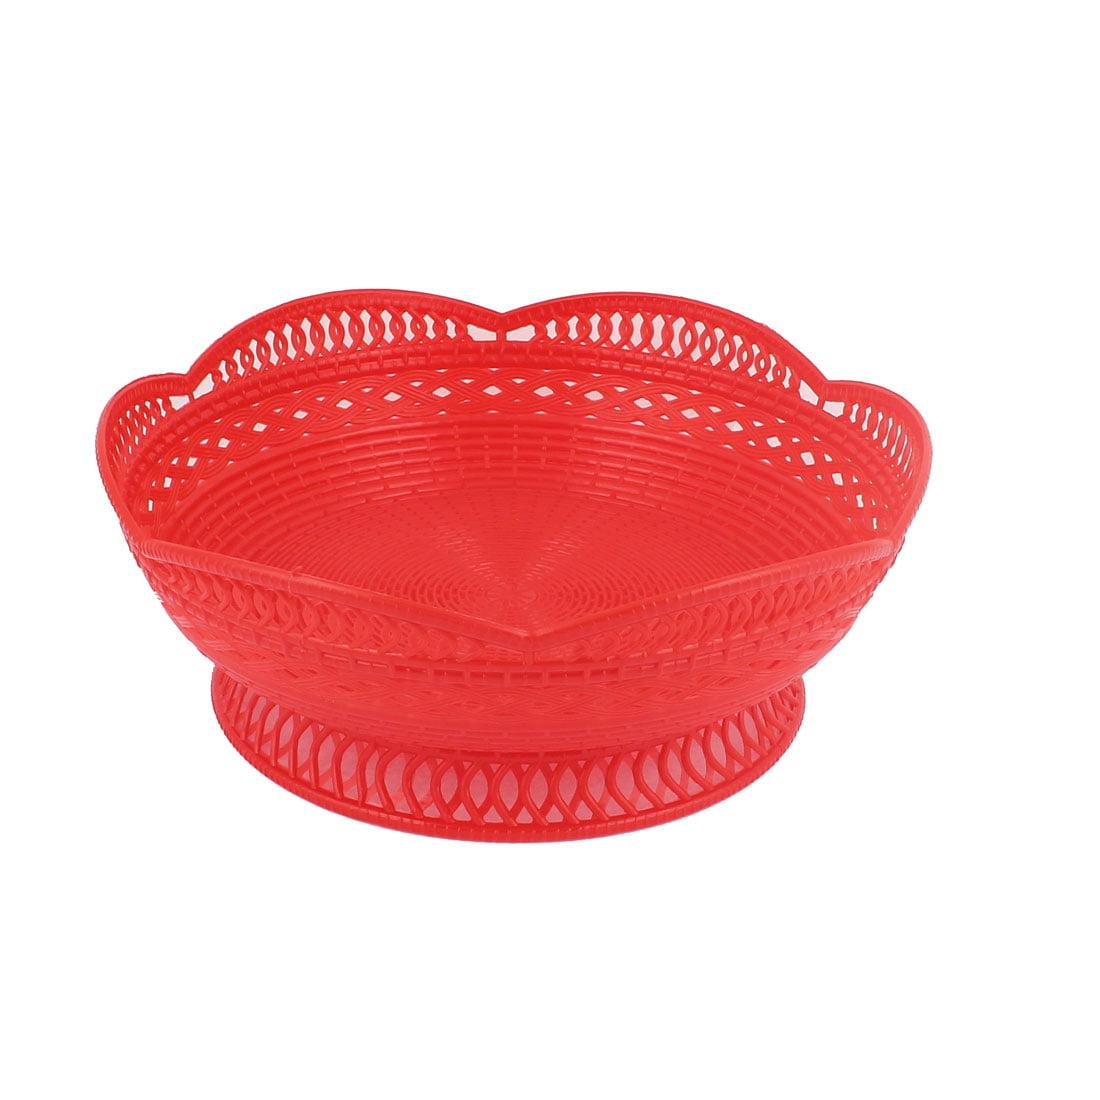 Unique Bargains Hard Plastic Round Shaped Flower Edge Fruit Vegetable Basket Holder Red